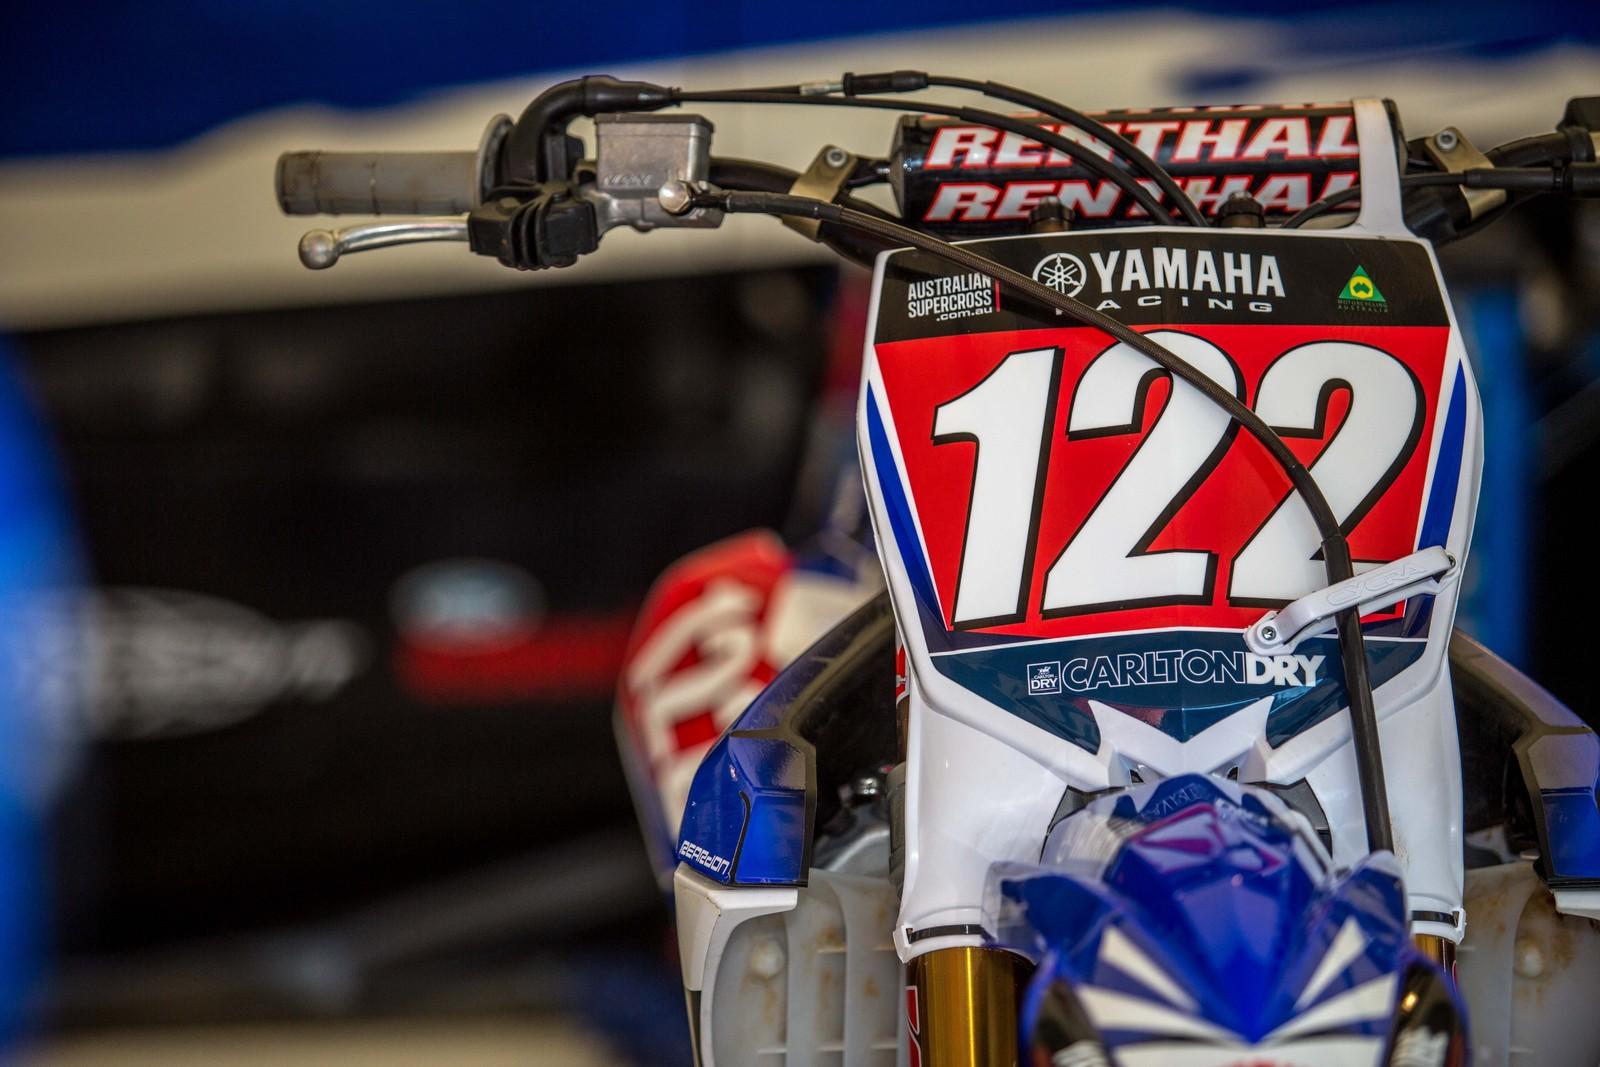 Dan Reardon - Photo Blast: Australian Supercross Championship from Adelaide - Motocross Pictures - Vital MX